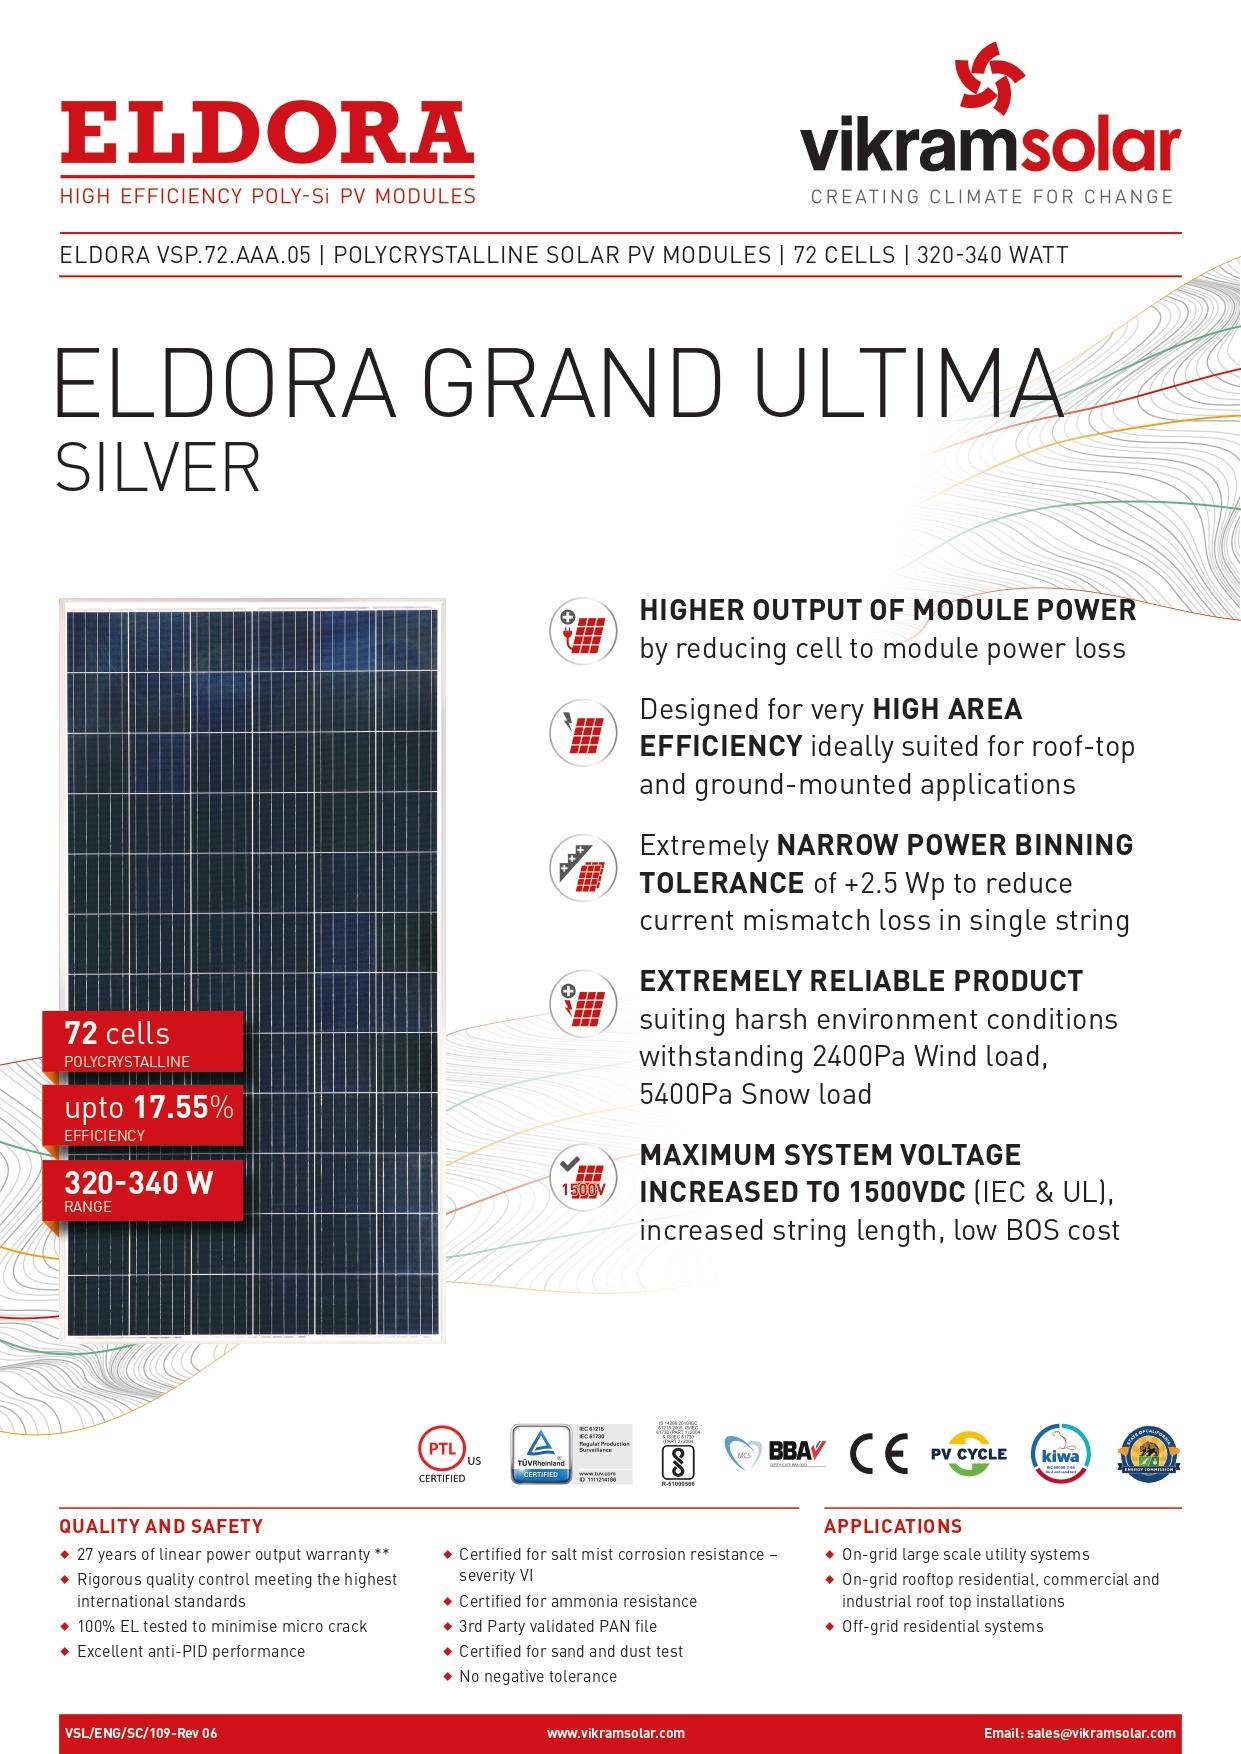 Eldora Grand Ultima Silver 72 Cell Pv Module Eldora Grand Ultima Silver Polycrystalline